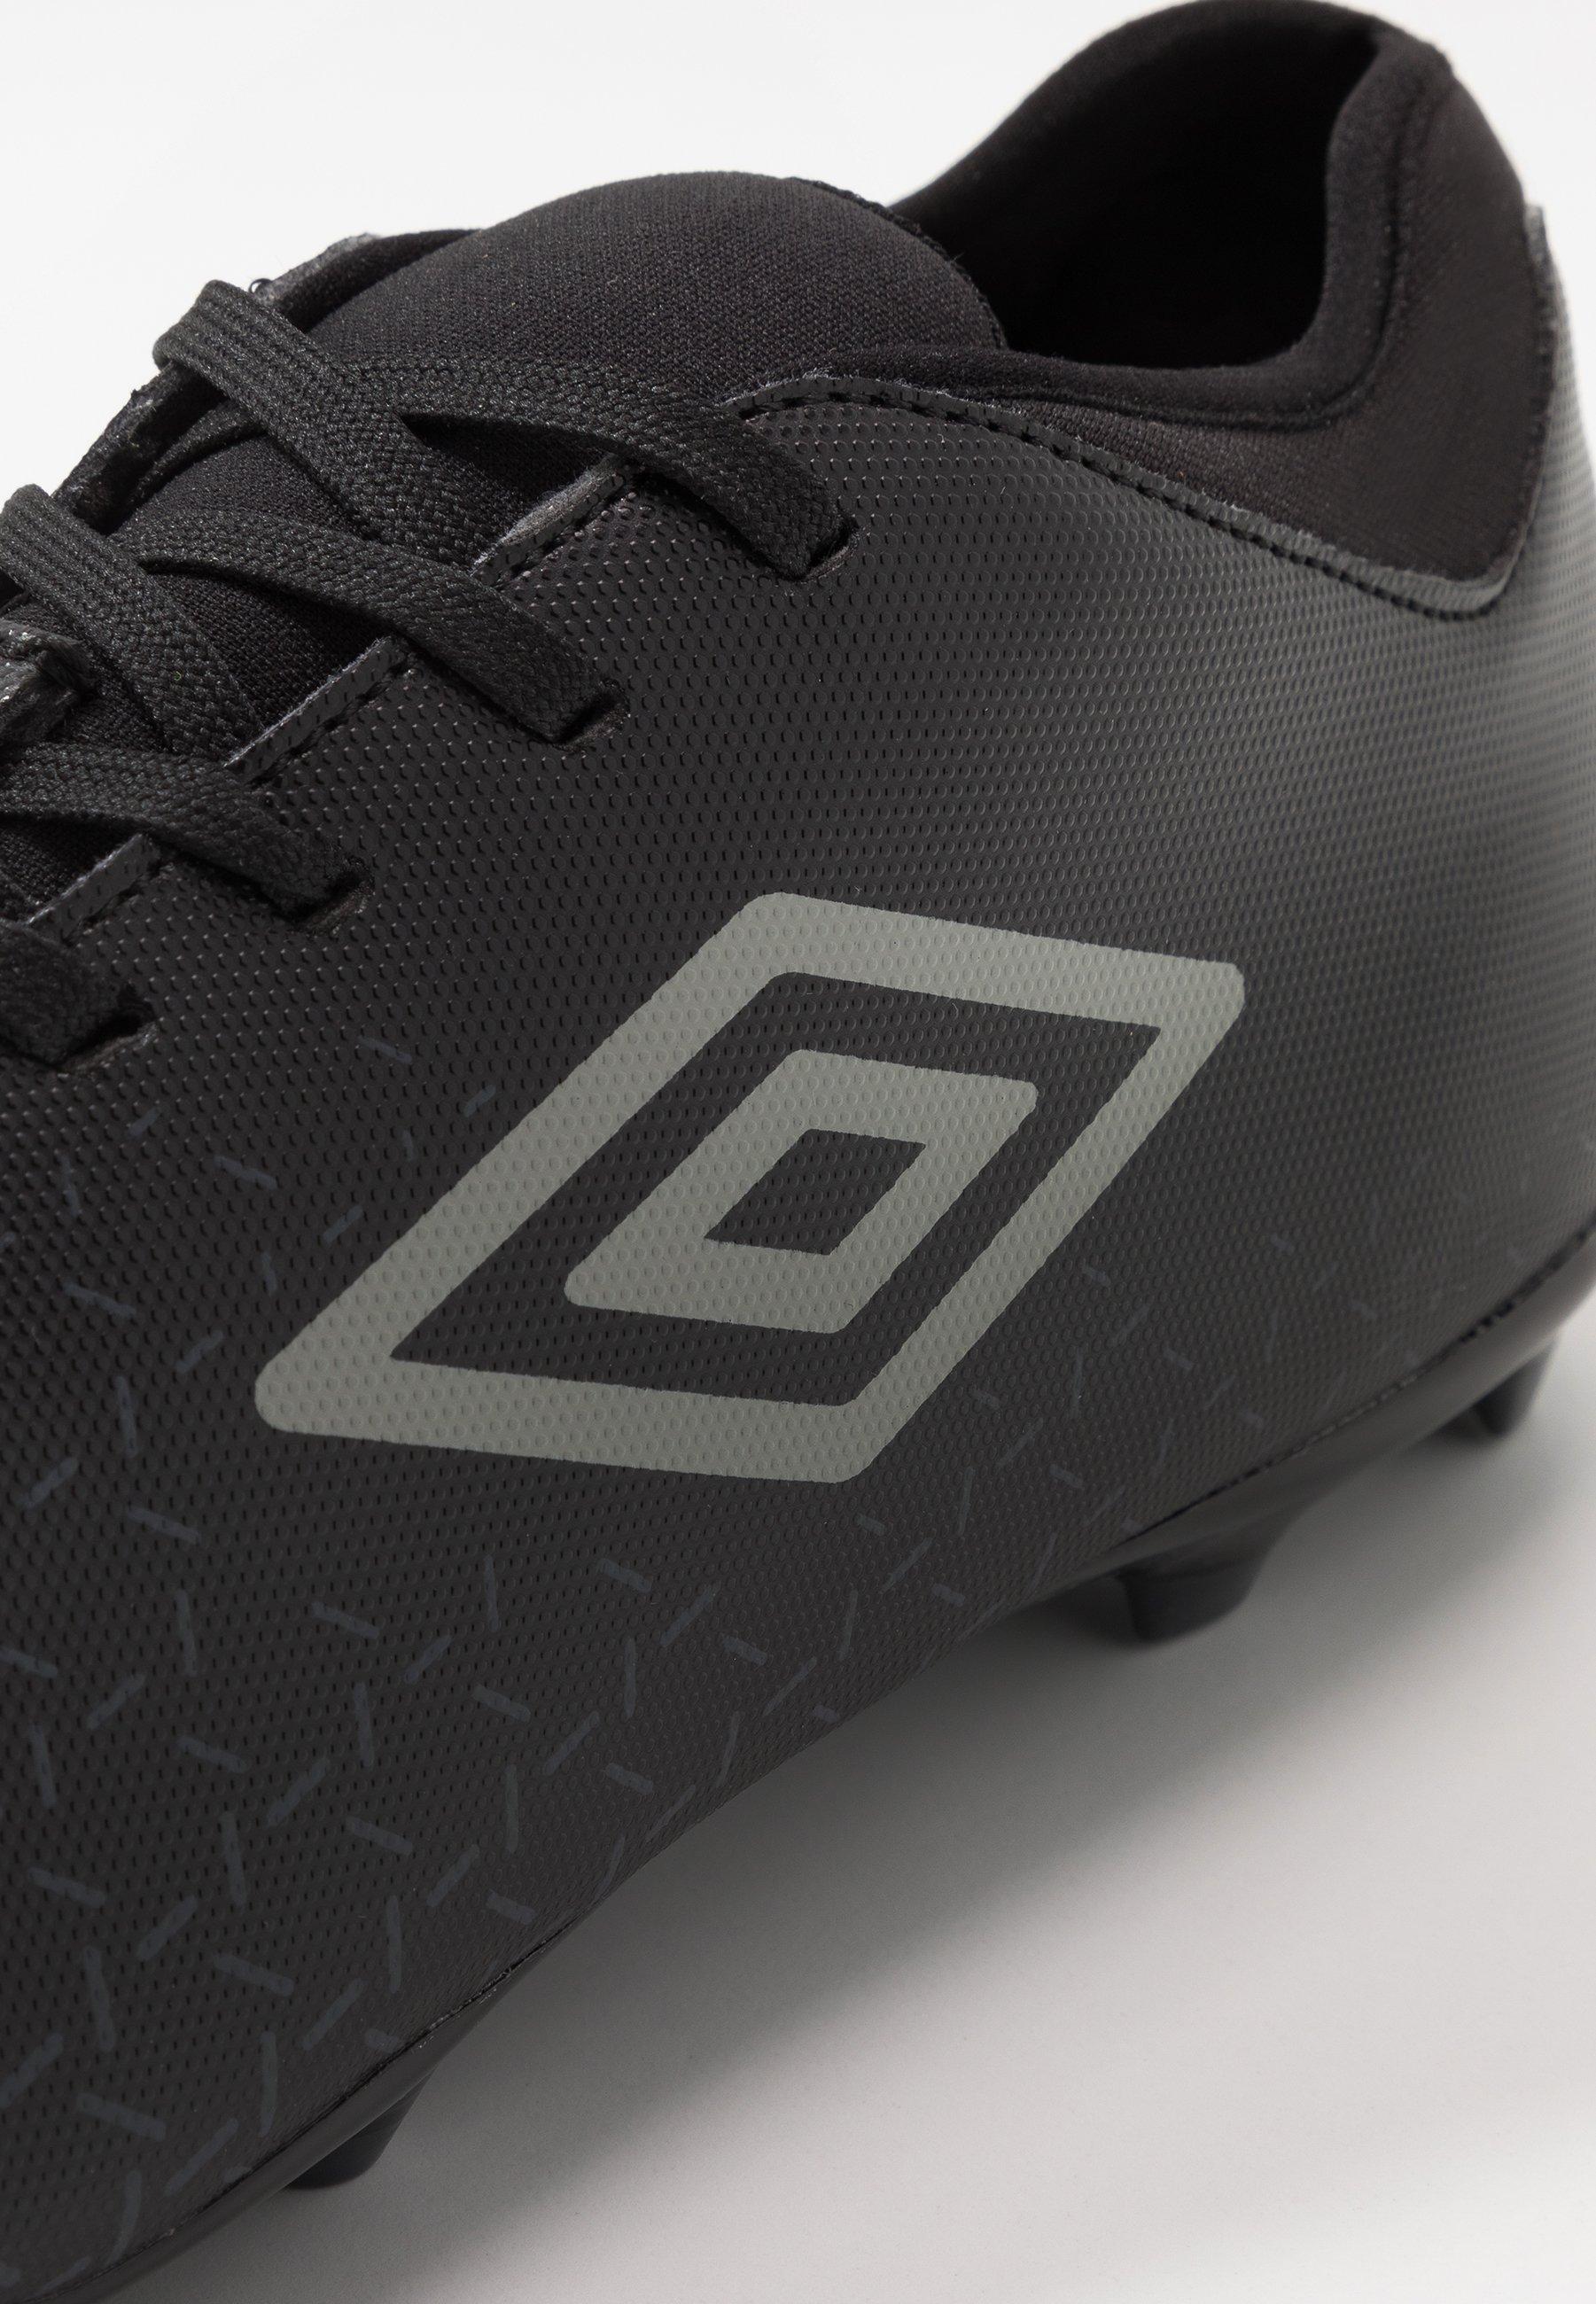 Umbro VELOCITA PRO FG Fotballsko black Zalando.no